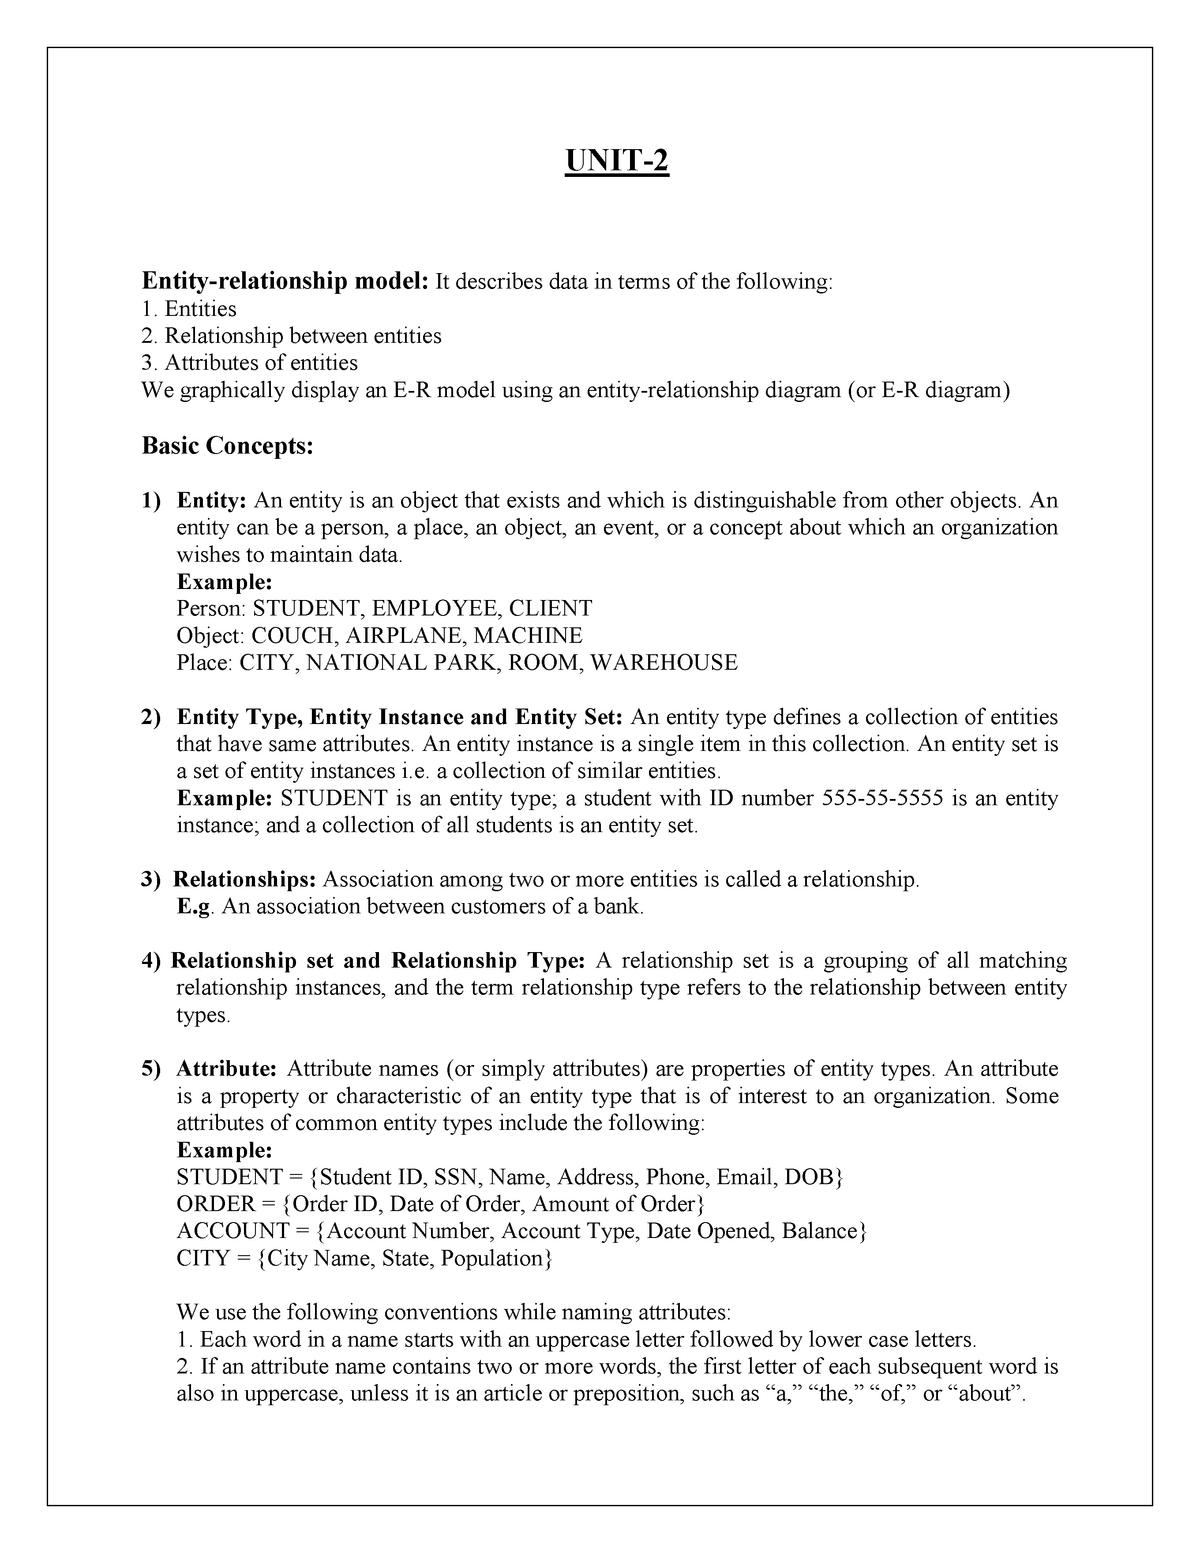 DBMS Unit 2 - BBA NOTES - BBA - StuDocu